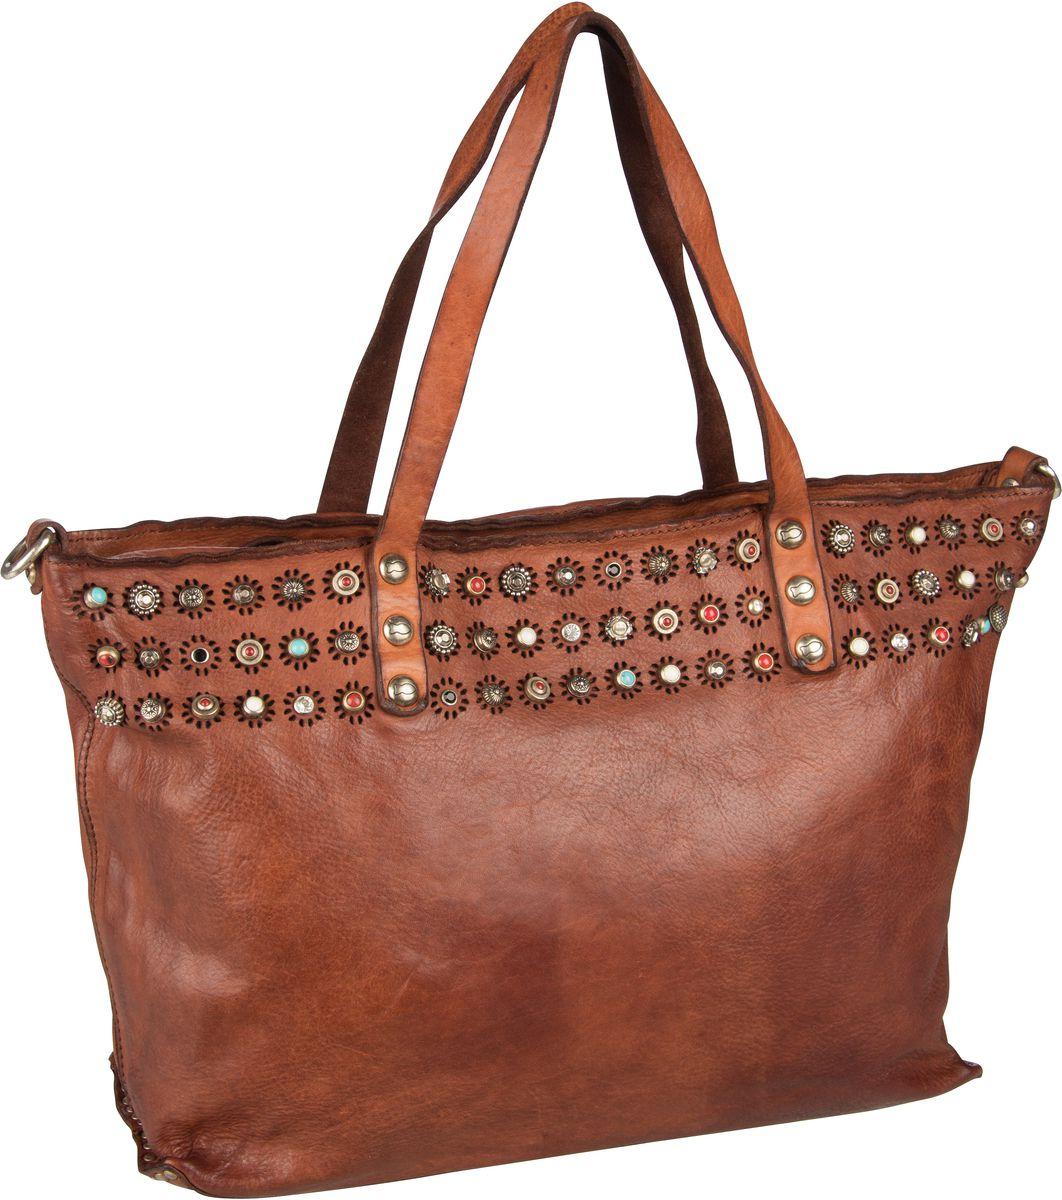 Handtasche Ravenna C12530 Cognac